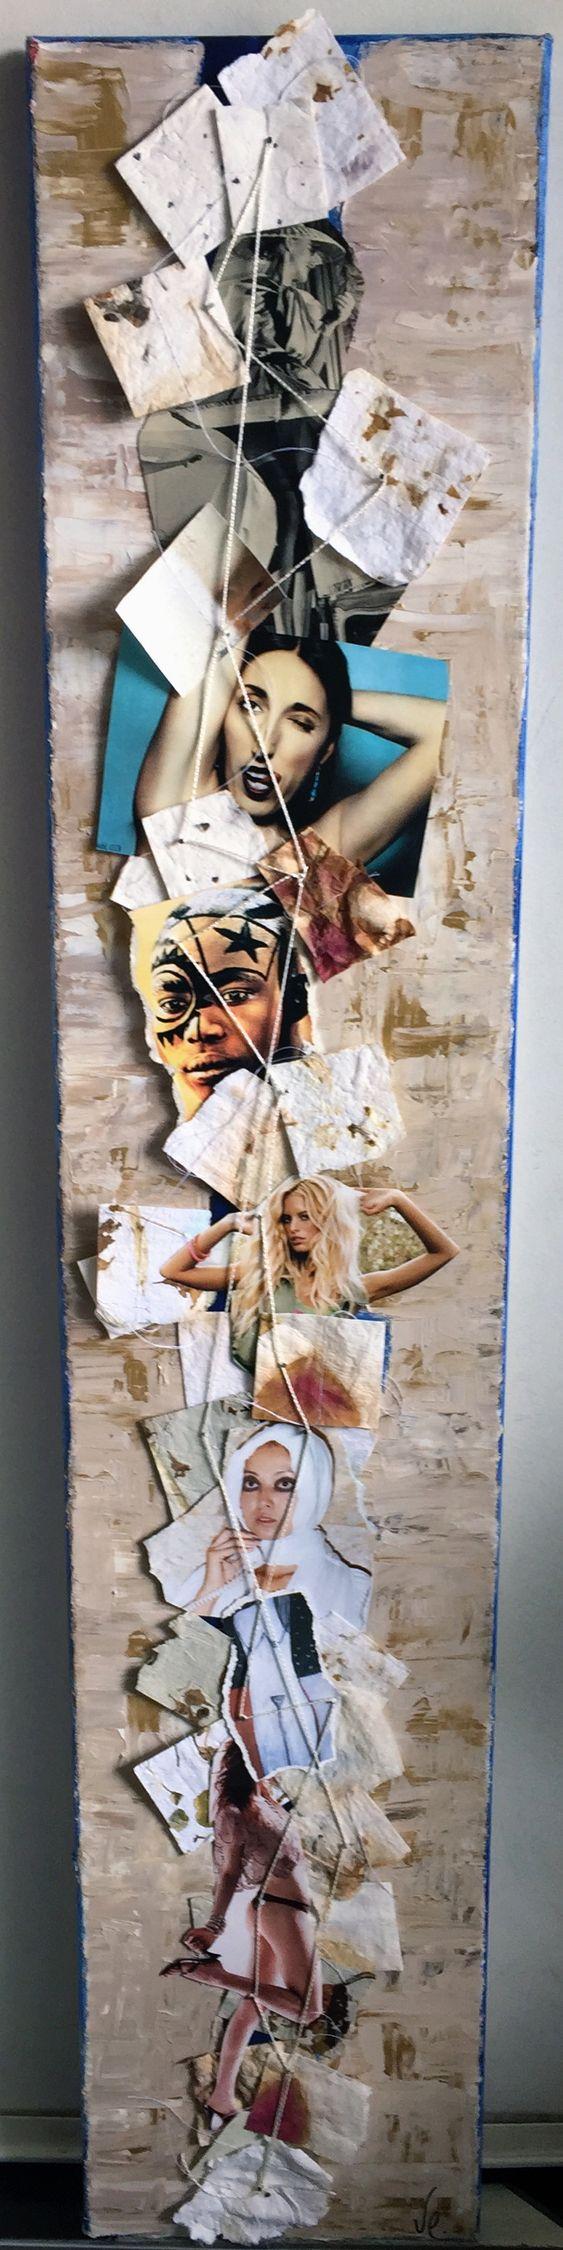 Femininity Collage - Mixed Medi - vcoloiera | ello